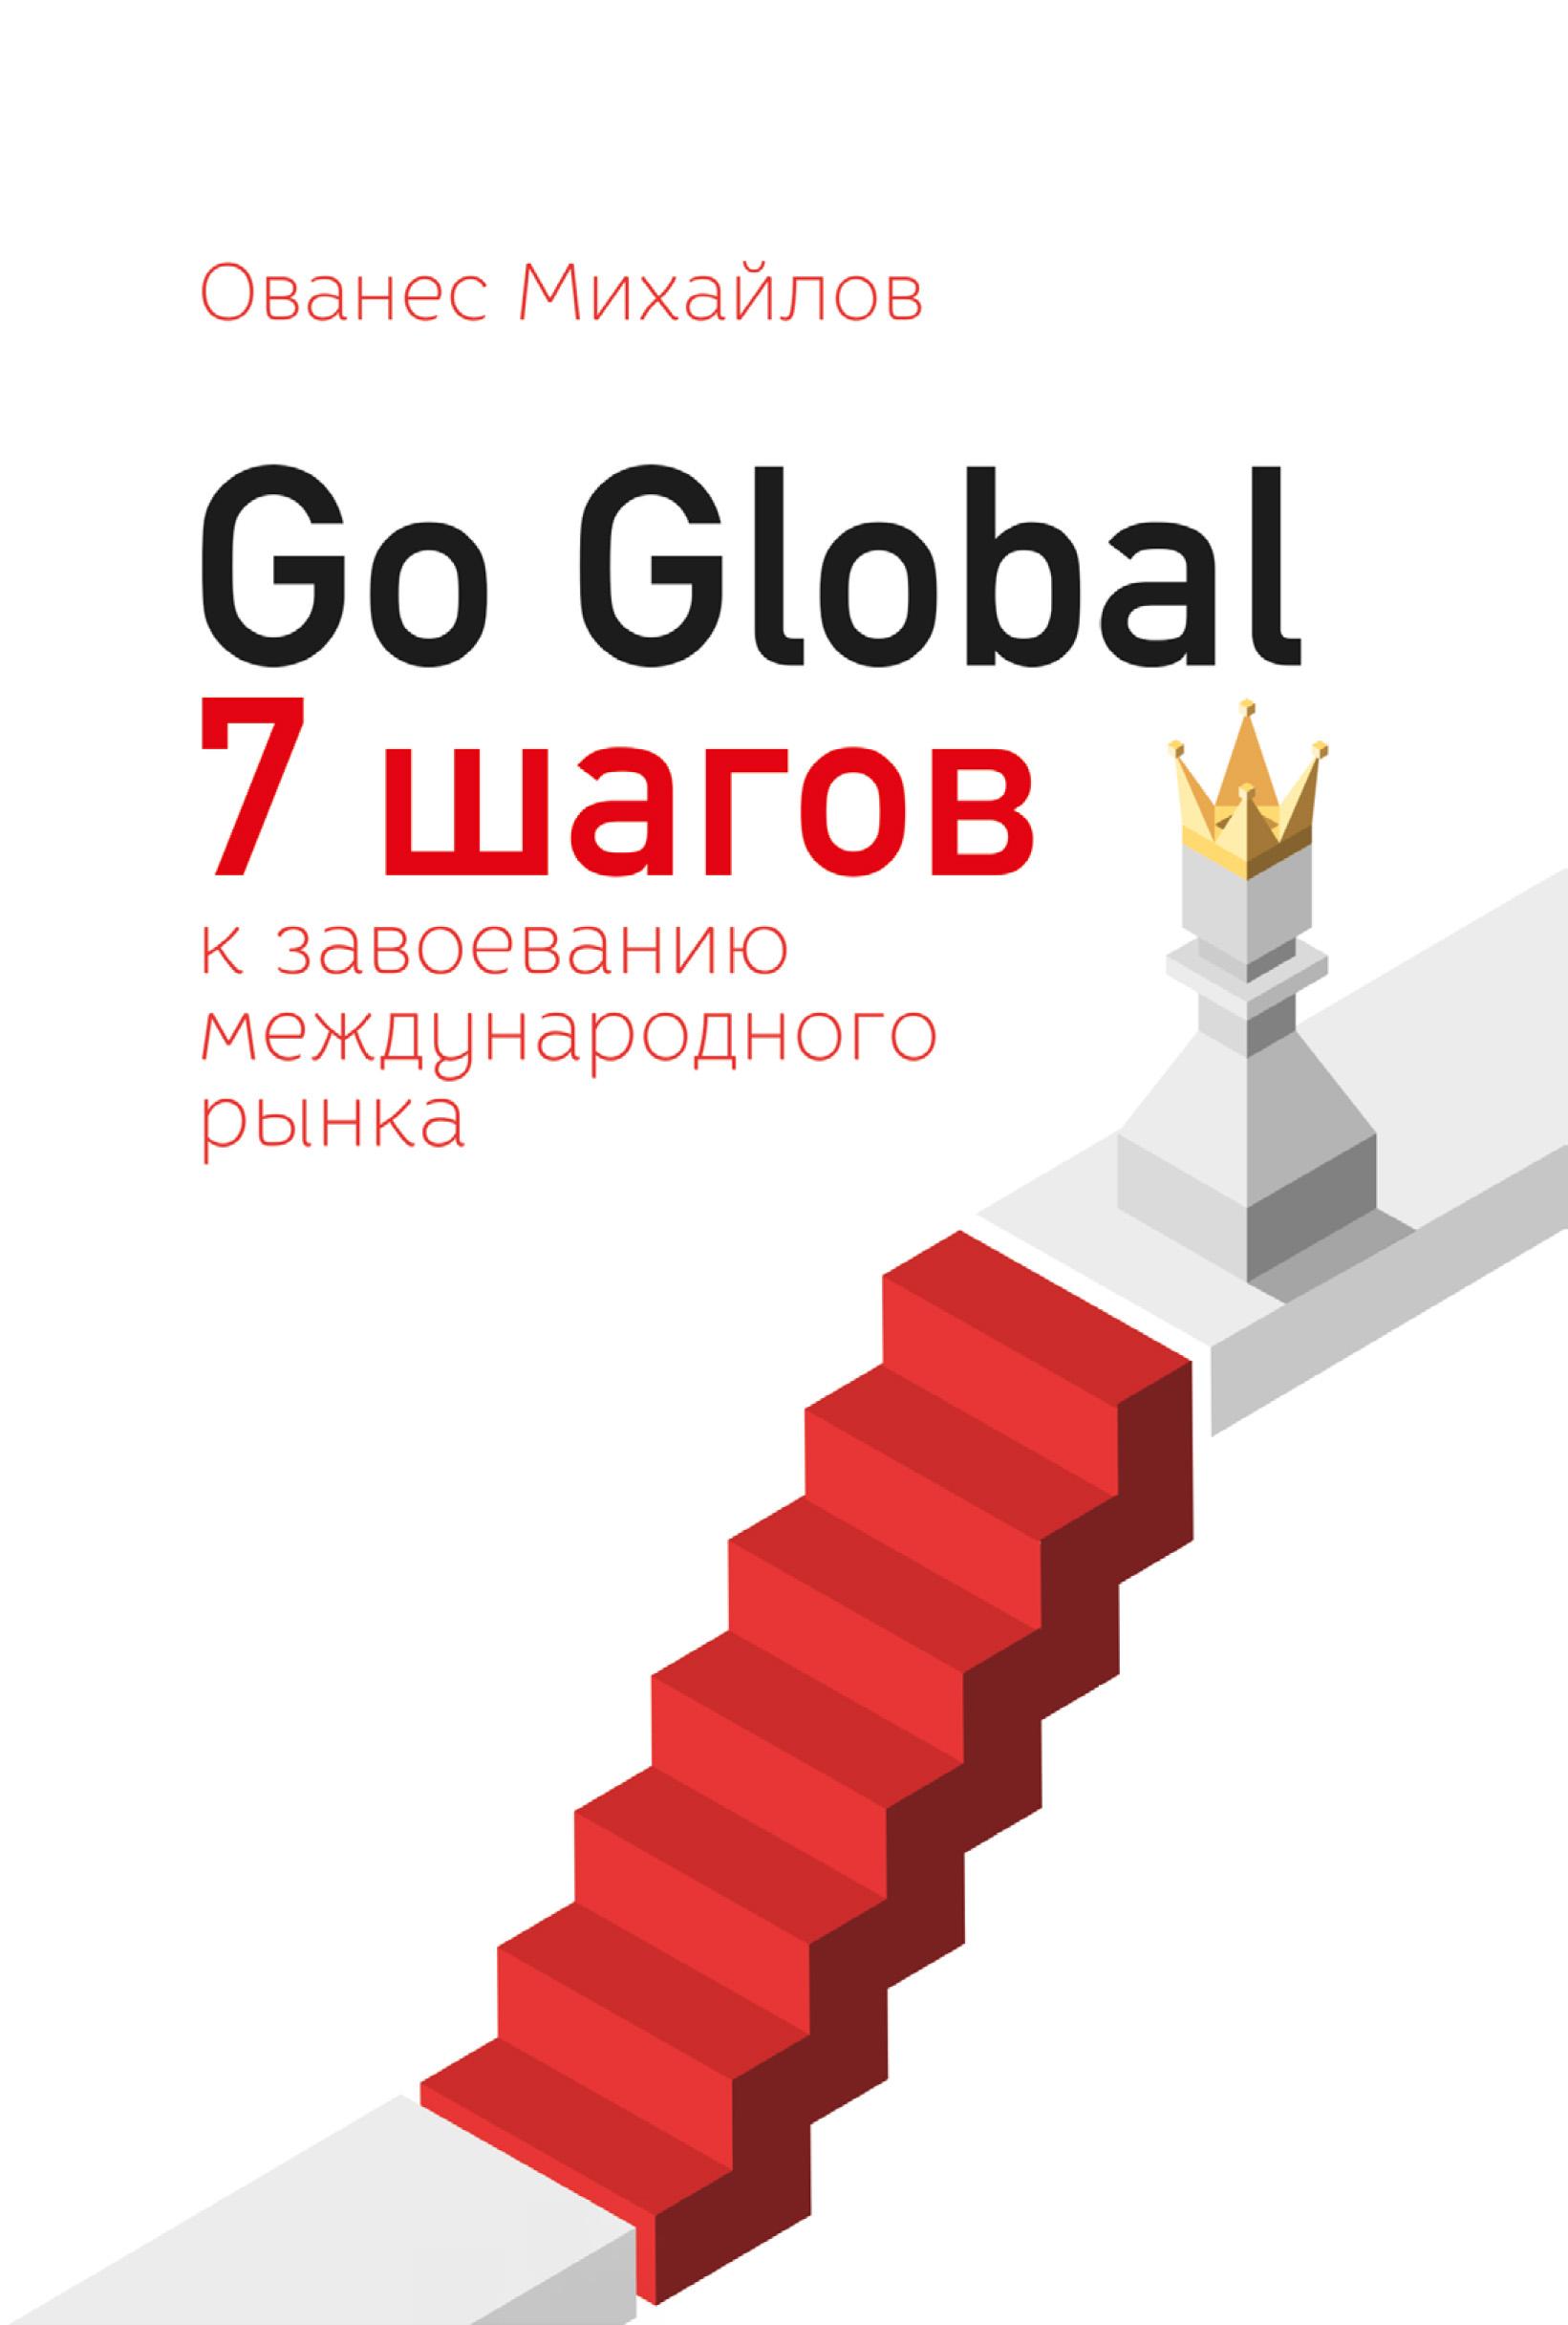 Ованес Михайлов Go Global: 7 шагов к завоеванию международного рынка уорри эрик герой mlm 7 шагов чтобы стать профессионалом в сетевом маркетинге